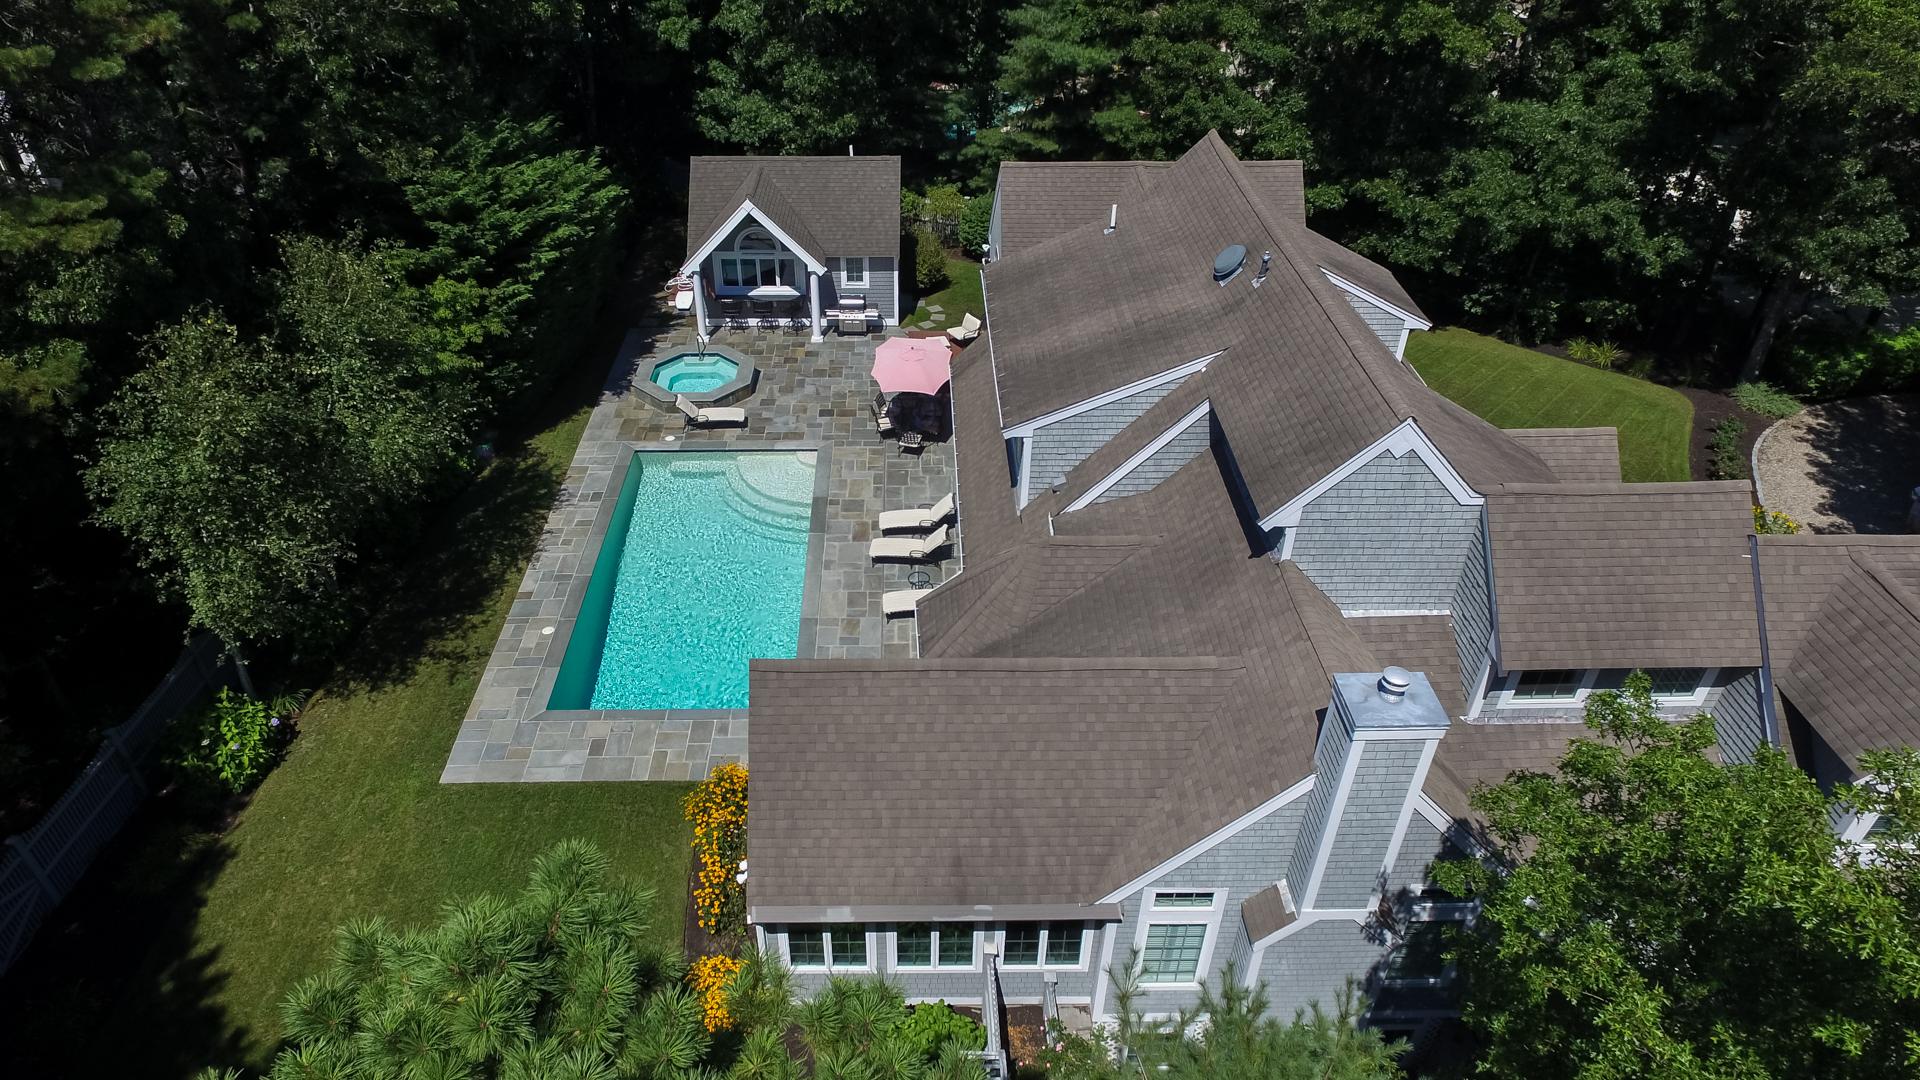 一戸建て のために 売買 アット LUXURIOUS ONE-OF-A KIND COMPLETELY FURNISHED HOME 36 Topping Lift New Seabury, マサチューセッツ, 02649 アメリカ合衆国で/アラウンド: Mashpee